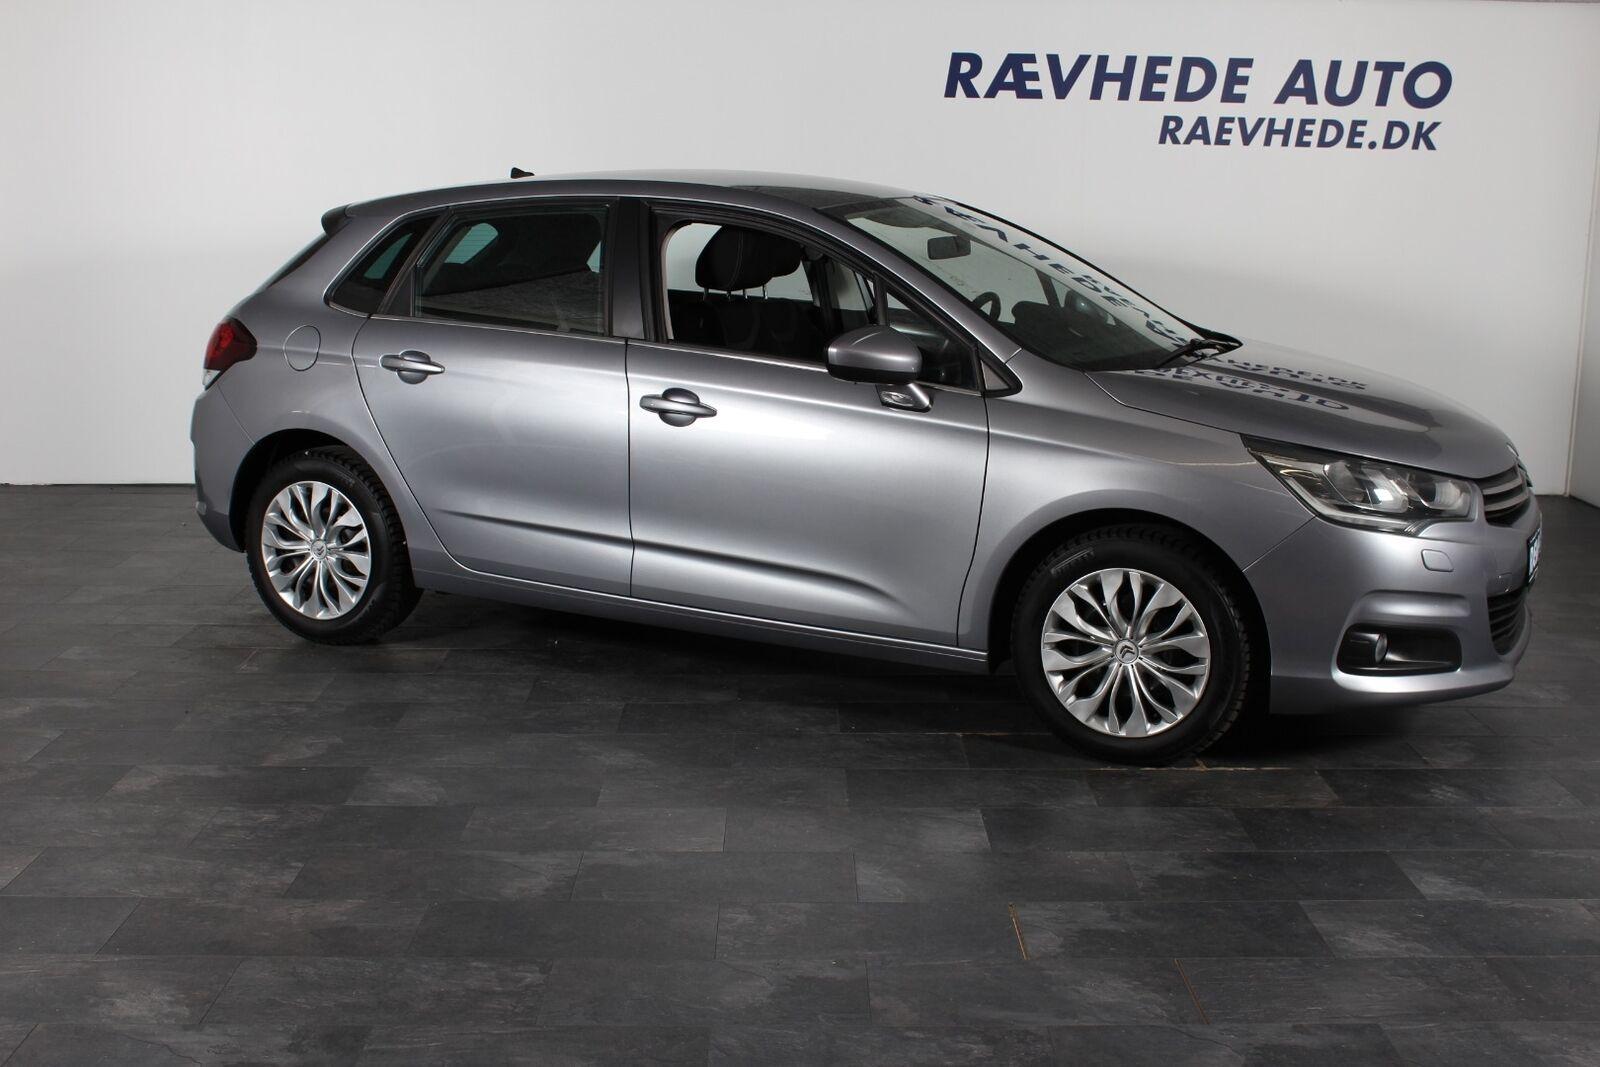 Citroën C4 1,6 BlueHDi 100 Feel Complet 5d - 109.900 kr.